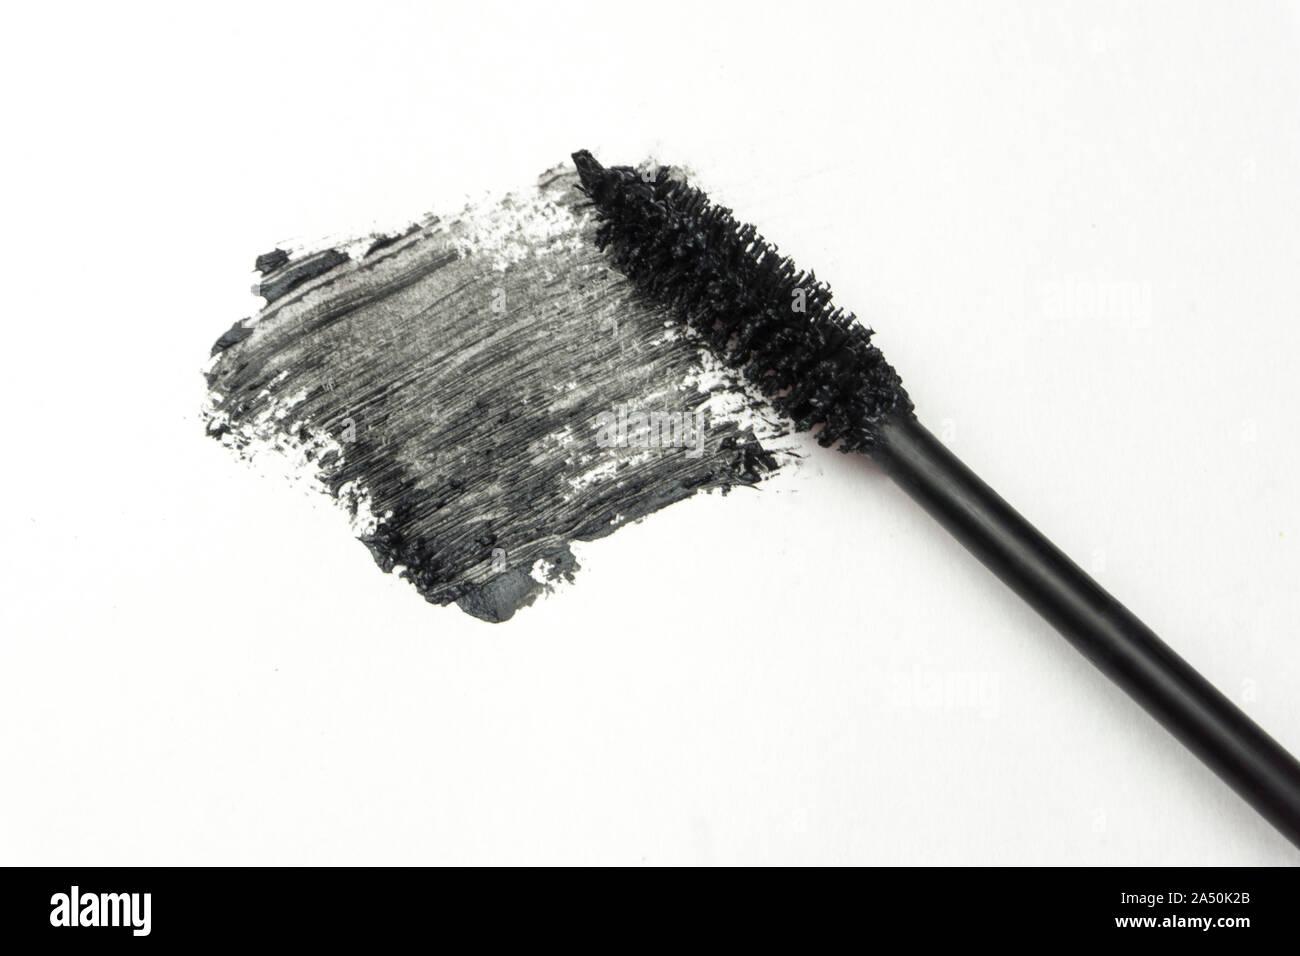 mascara product shot whtie background Stock Photo